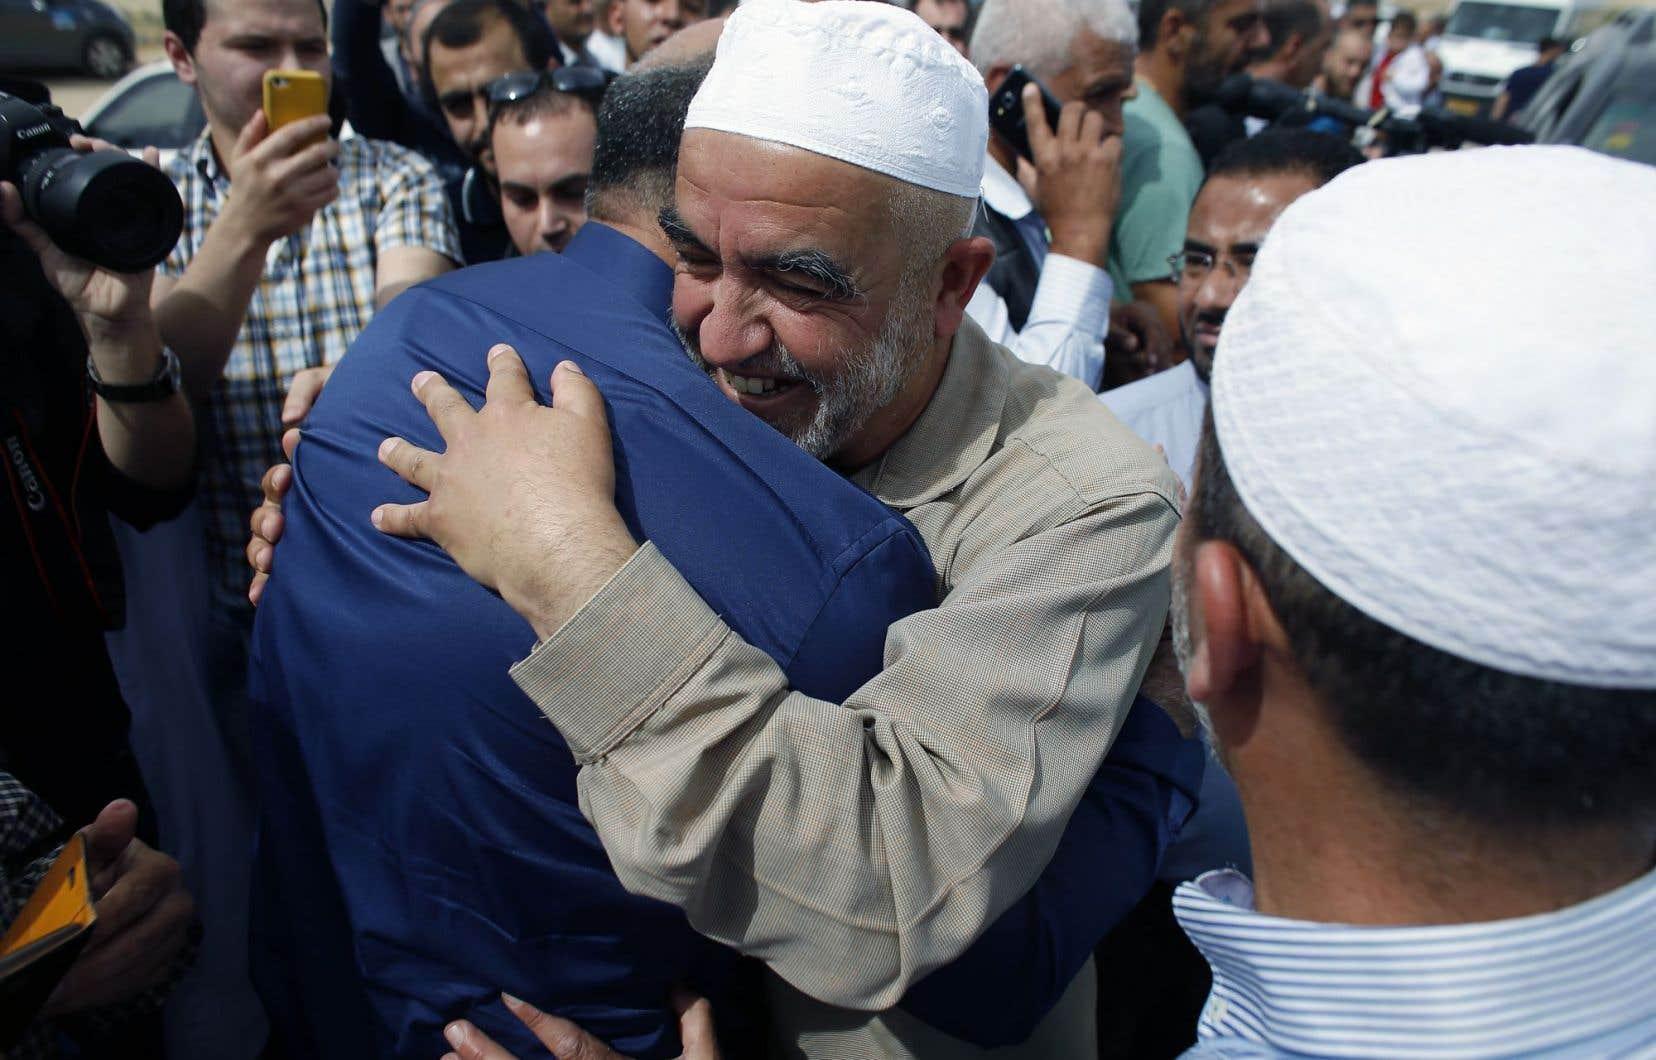 M.Salah a affirmé à ses partisans venus lui donner l'accolade que c'était pour lui «un honneur d'entrer en prison pour défendre et protéger al-Aqsa et Jérusalem».